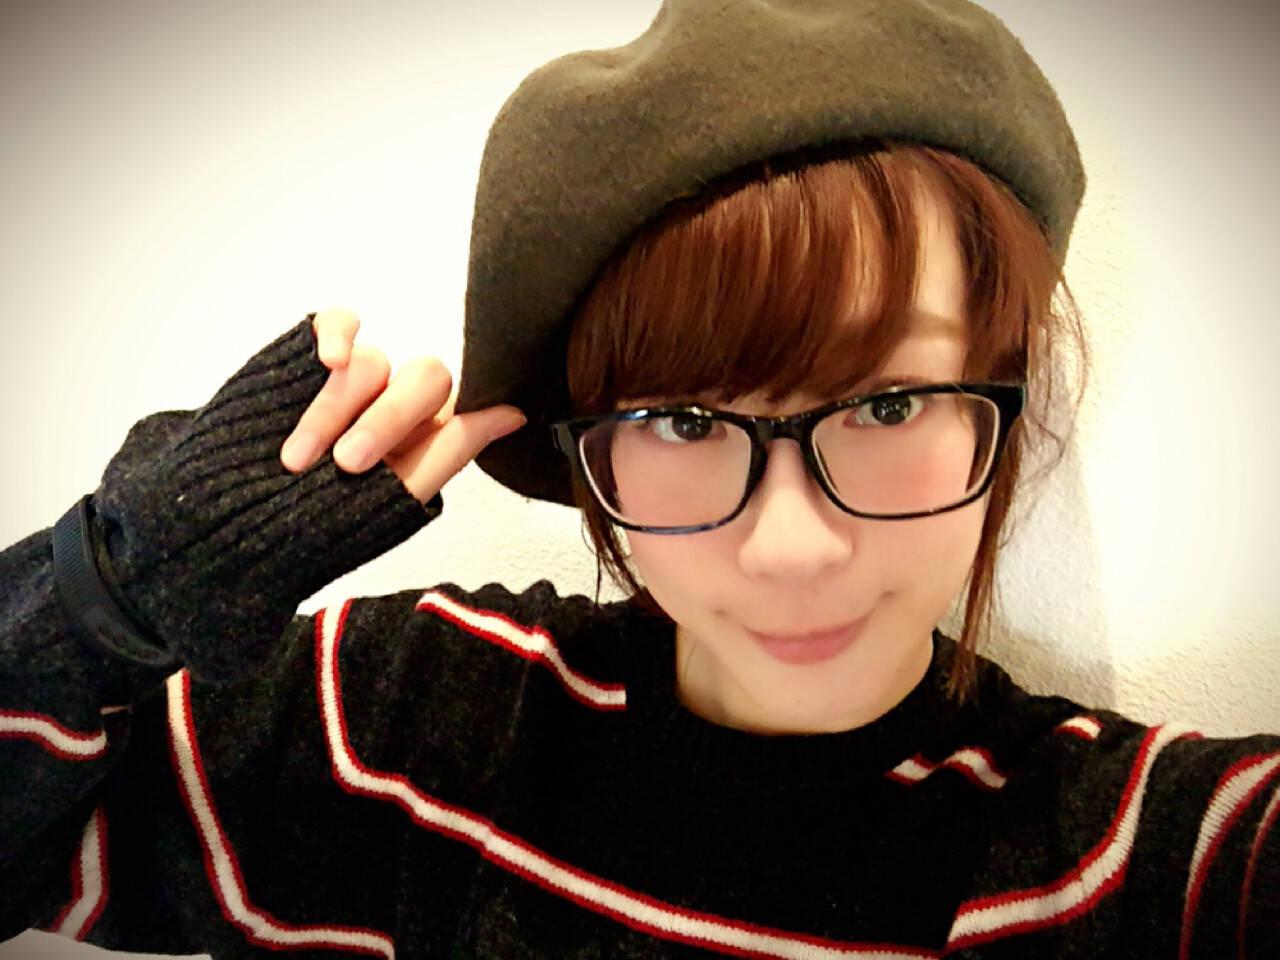 ポニーテール ヘアアレンジ ベレー帽 大人女子ヘアスタイルや髪型の写真・画像